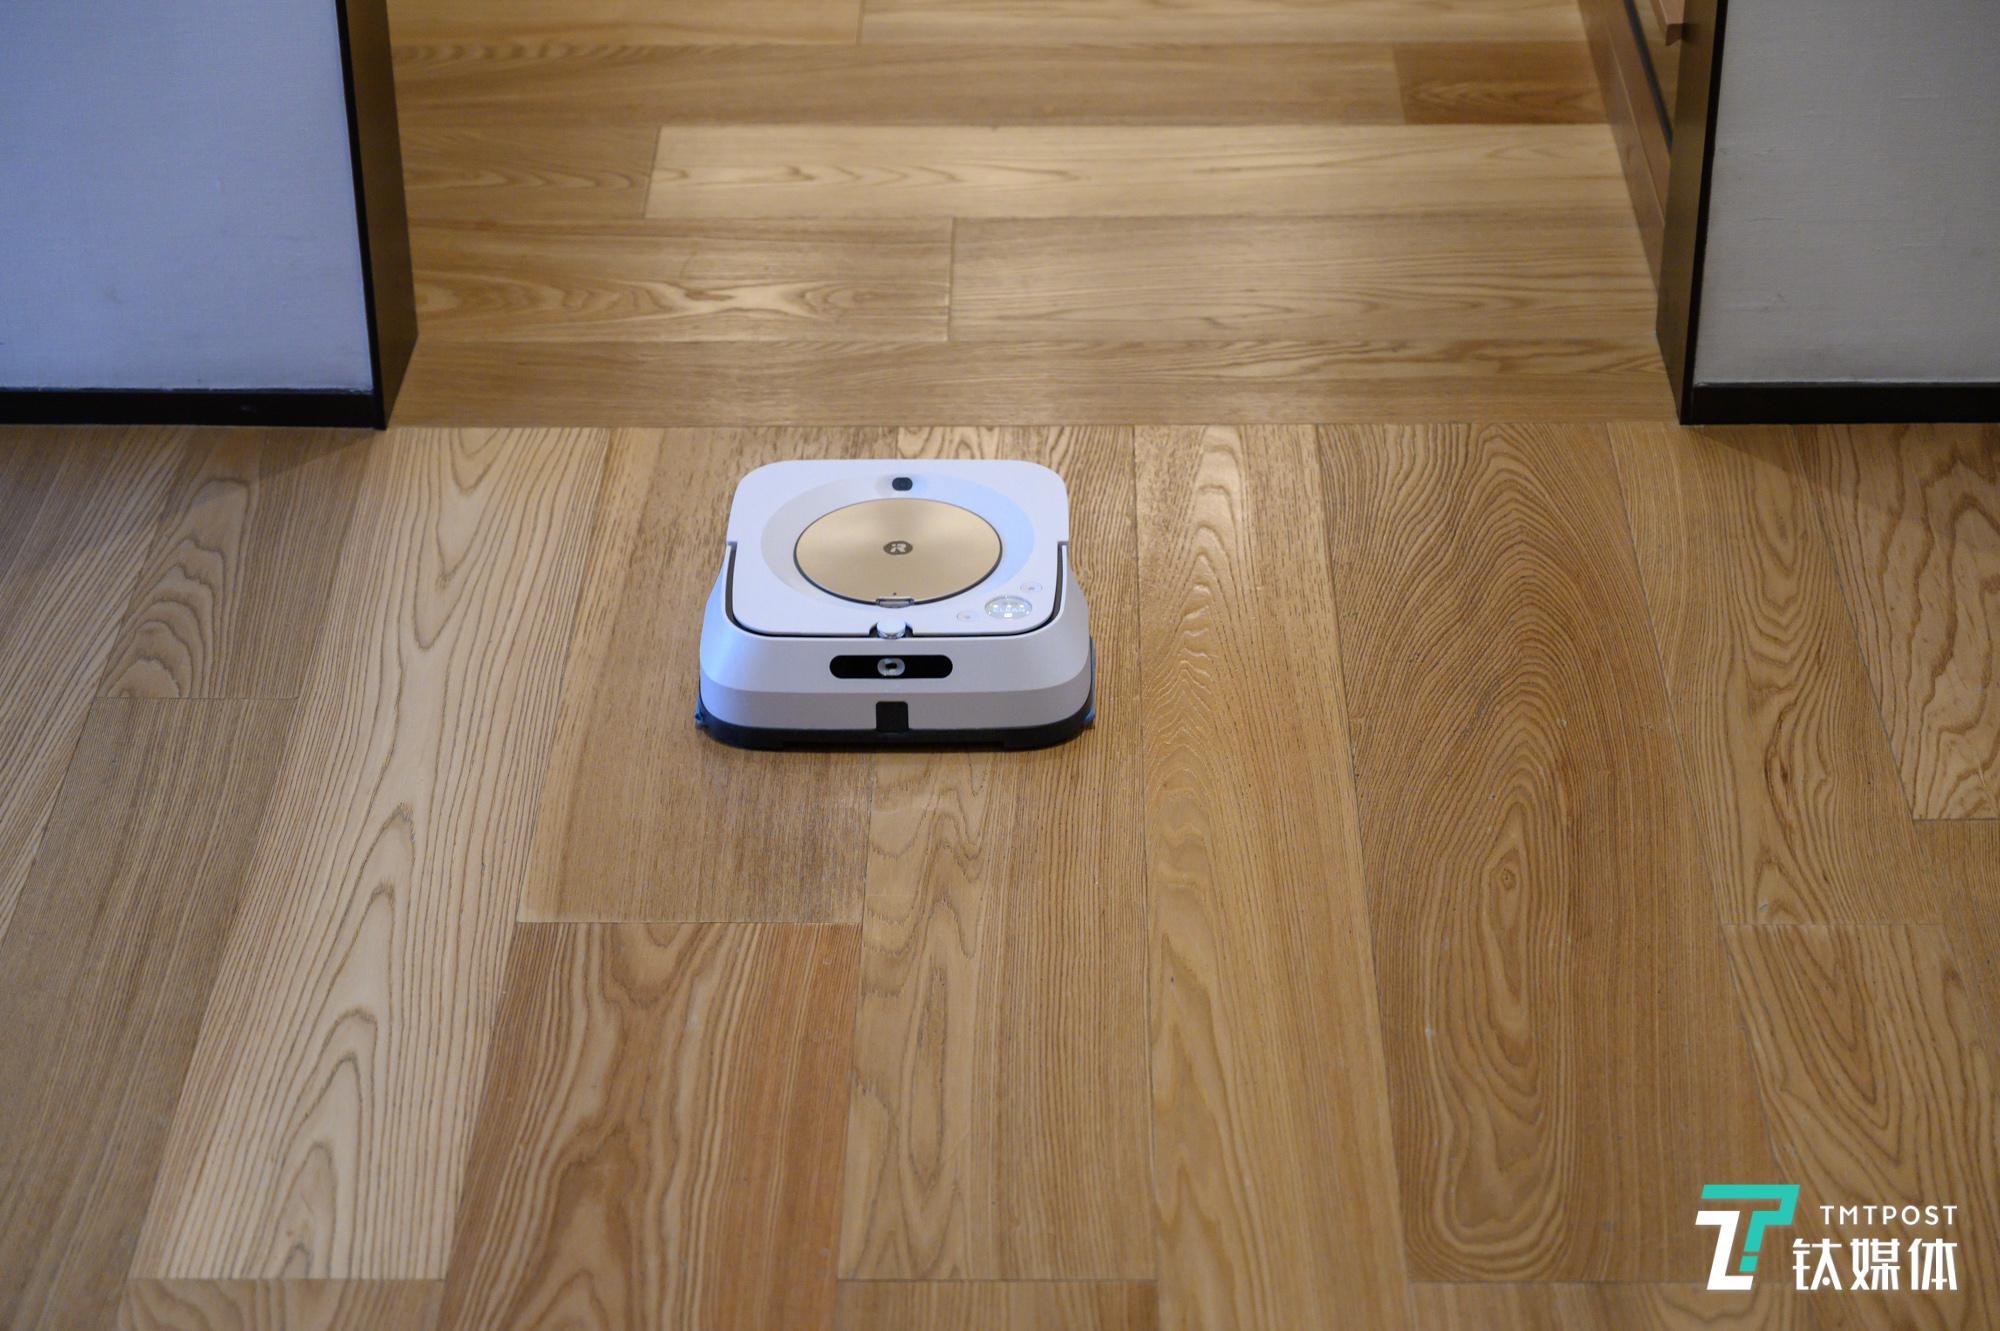 首发搭载Imprint 互联手艺,i挖走Robot公布Braava jet m6 擦地机械人 | 钛快讯